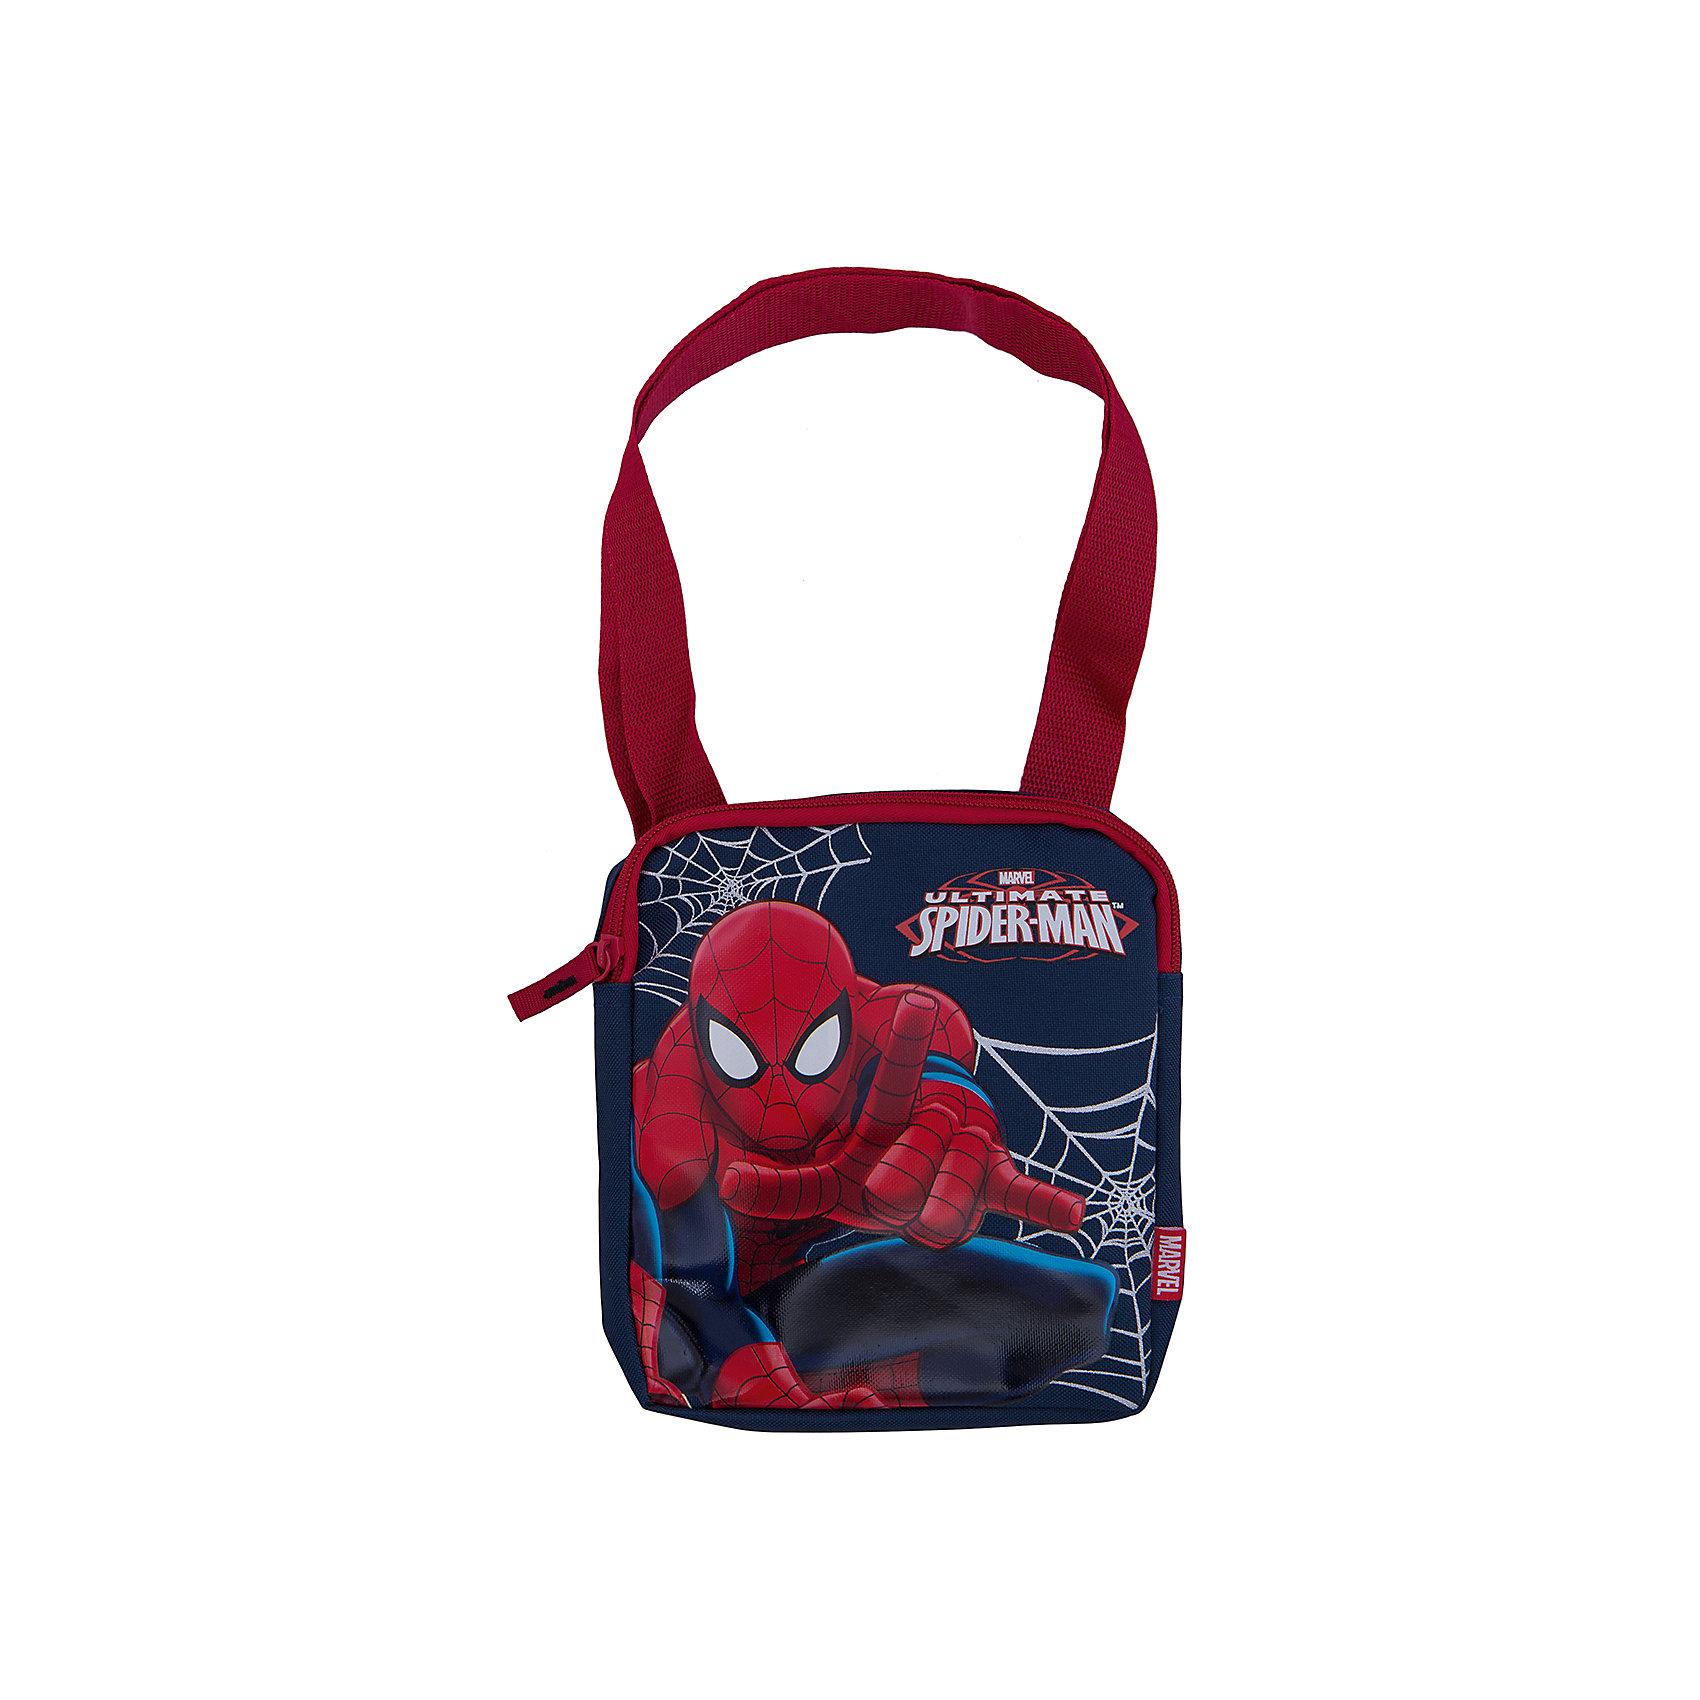 Сумка, Человек-ПаукСумка Spider man (Человек Паук) оформленная в стиле одноименного популярного фильма порадует и первоклашку и подростка. Сумка хорошо подходит для длительных прогулок и путешествий, достаточно вместительна, чтобы сложить в нее все самое необходимое.<br><br>Сумка красно-синего цвета выполнена из прочной непромокаемой ткани, застежка на молнии. Сумка оснащена красным, регулируемым по размеру ремнем для ношения на плече. На передней стороне изображен герой фильма «Человек-Паук». <br><br>Дополнительная информация:<br><br>- Материал: прочный текстиль. <br>- Размер: 19 х 17 х 3,5 см. <br><br>Сумку Человек-паук можно купить в нашем интернет-магазине.<br><br>Ширина мм: 350<br>Глубина мм: 350<br>Высота мм: 200<br>Вес г: 500<br>Возраст от месяцев: 48<br>Возраст до месяцев: 84<br>Пол: Мужской<br>Возраст: Детский<br>SKU: 3562980